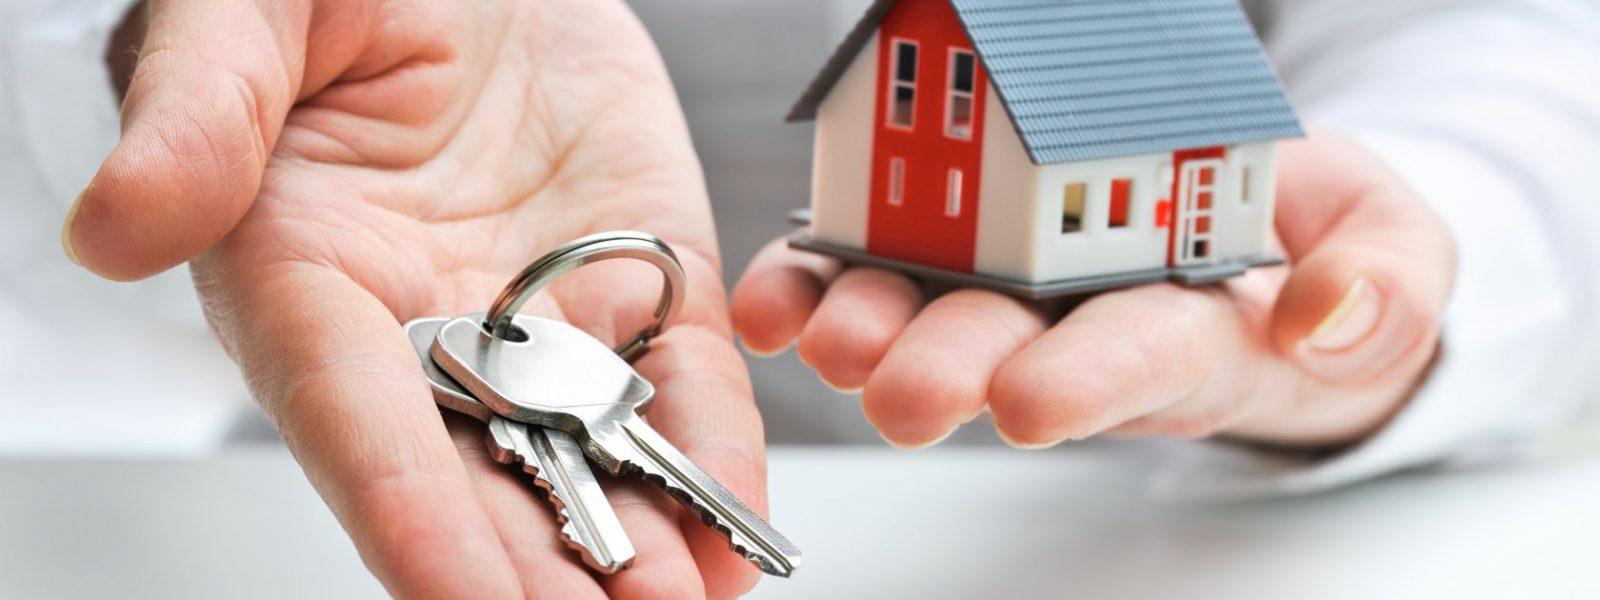 Оформление договора дарения доли квартиры для несовершеннолетних